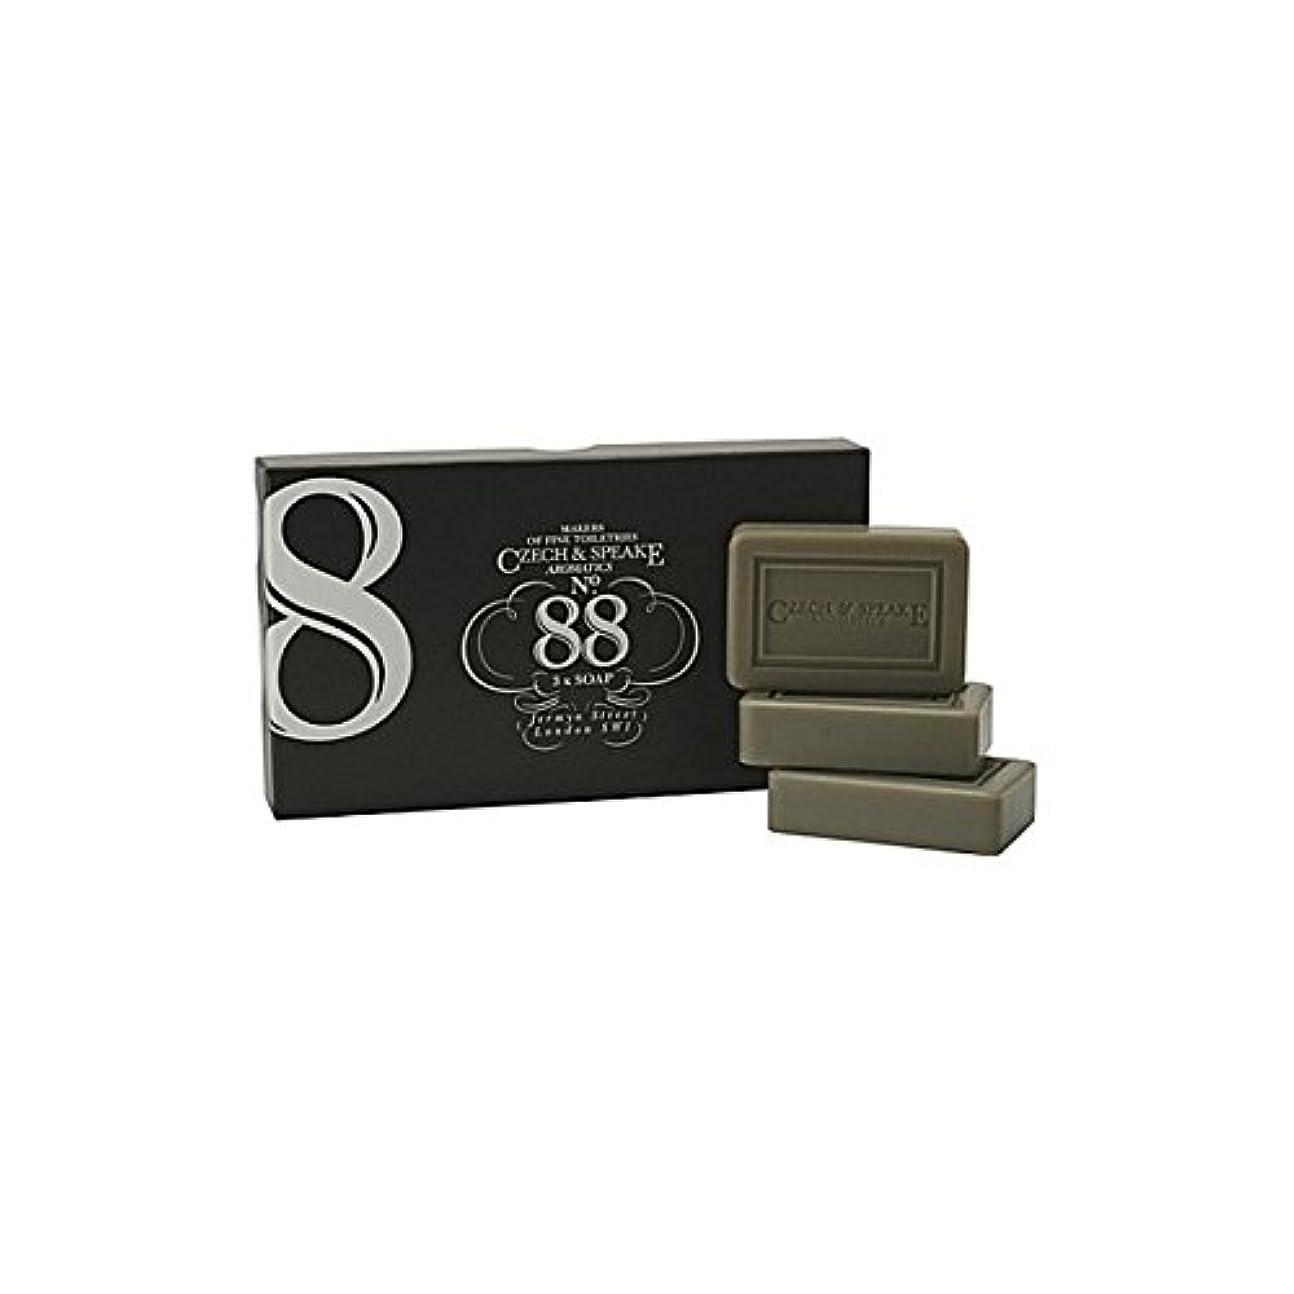 レパートリー安定しましたロデオチェコ&スピーク.88ソープセット x4 - Czech & Speake No.88 Soap Set (Pack of 4) [並行輸入品]